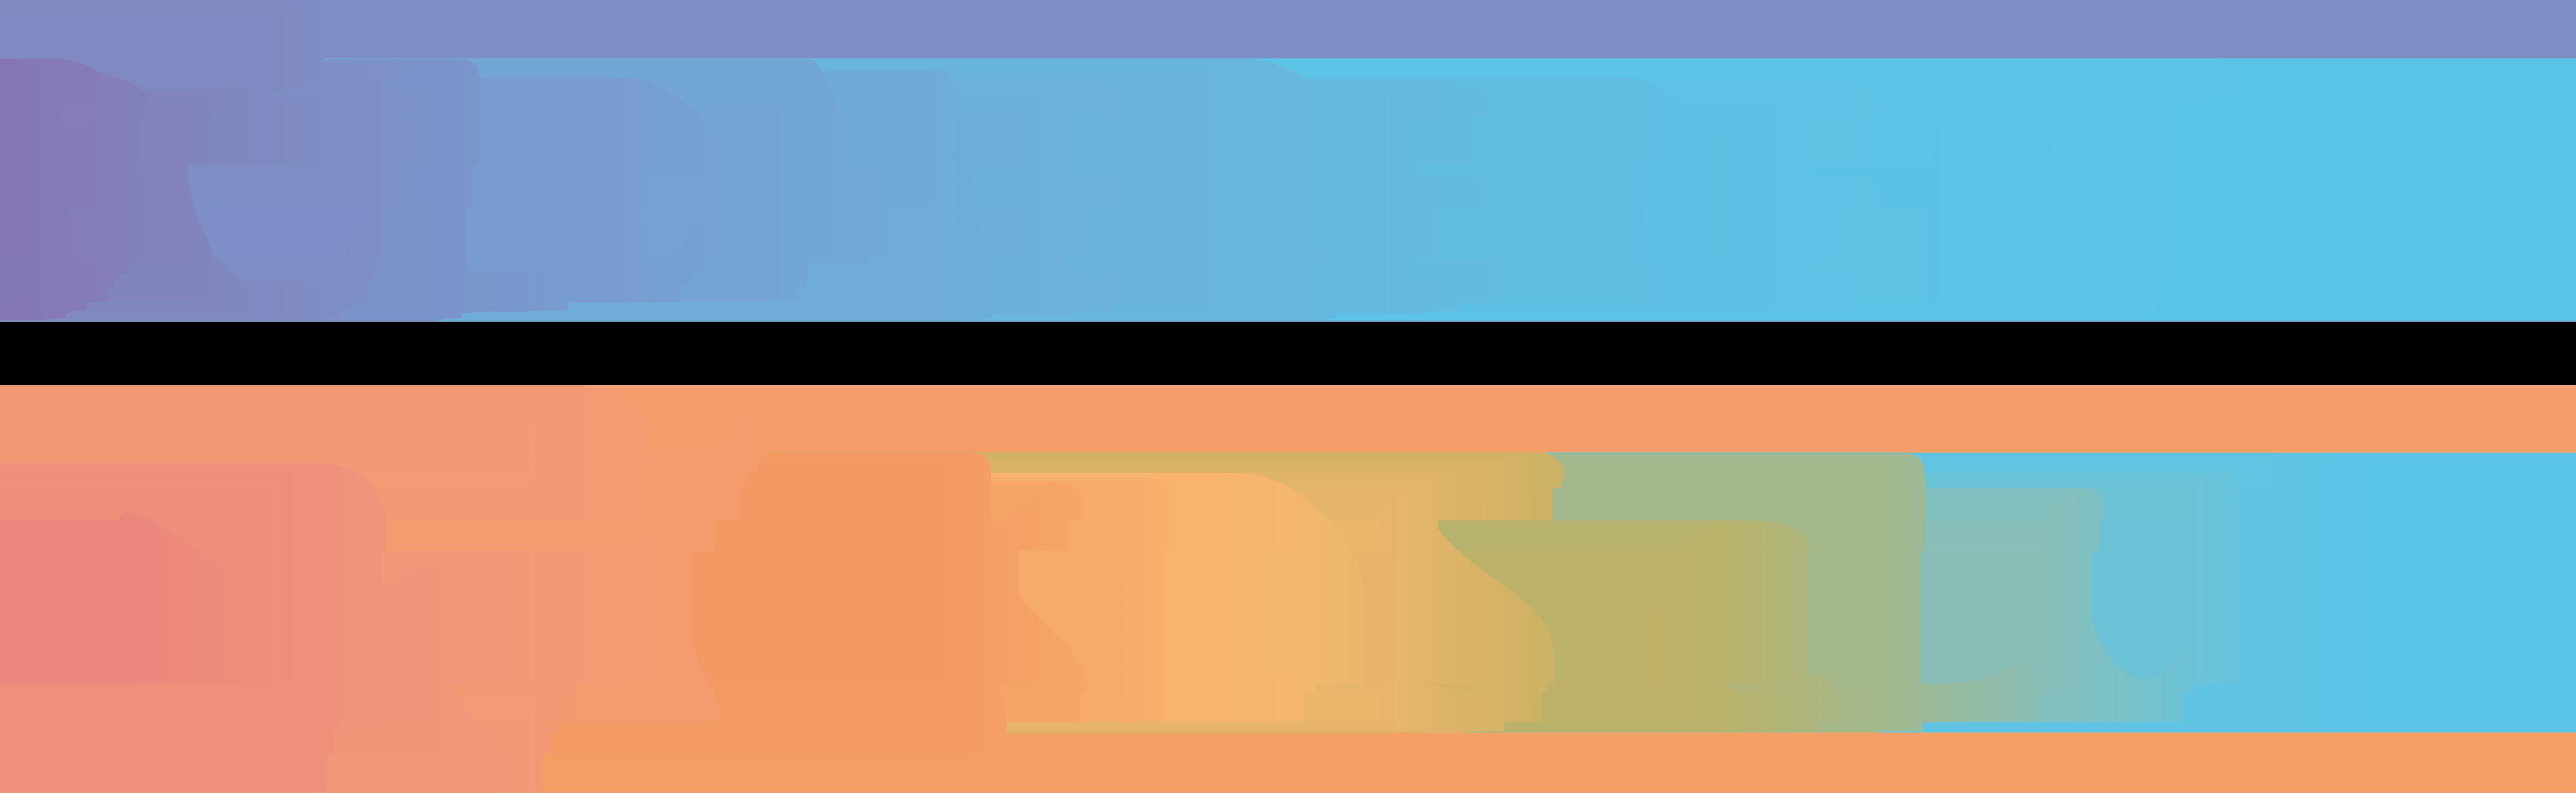 Boldmere Dental Kids Club Logo Transparent Background Boldmere